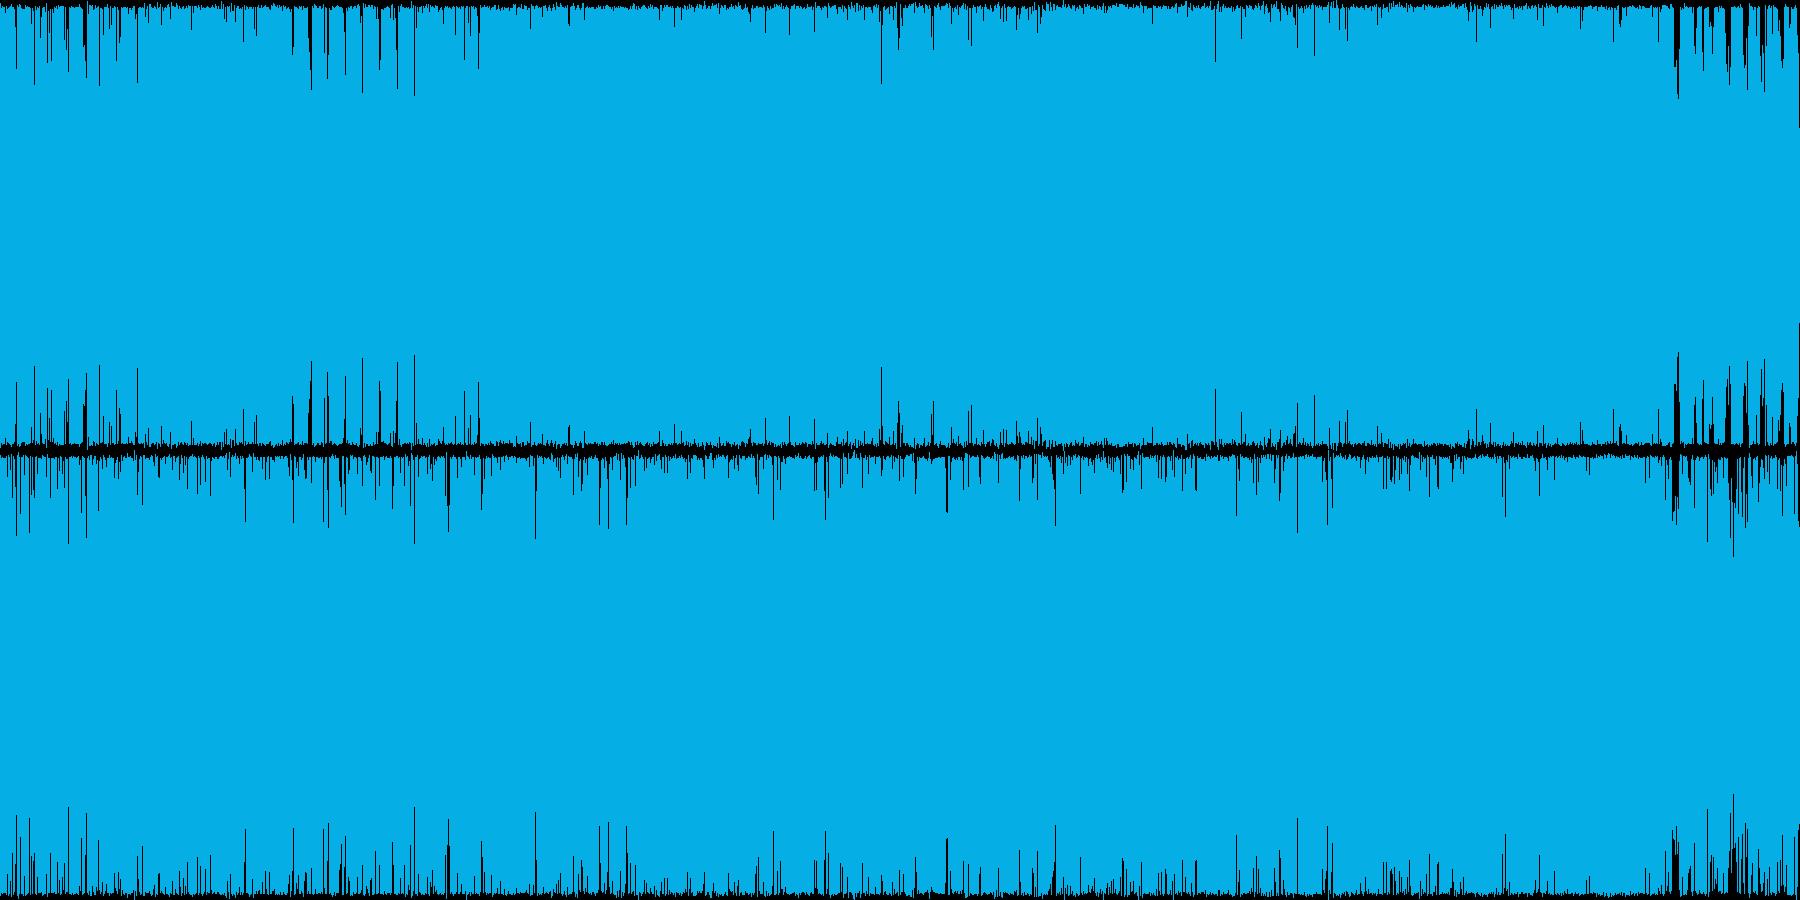 落ち着く癒し系のインストの再生済みの波形